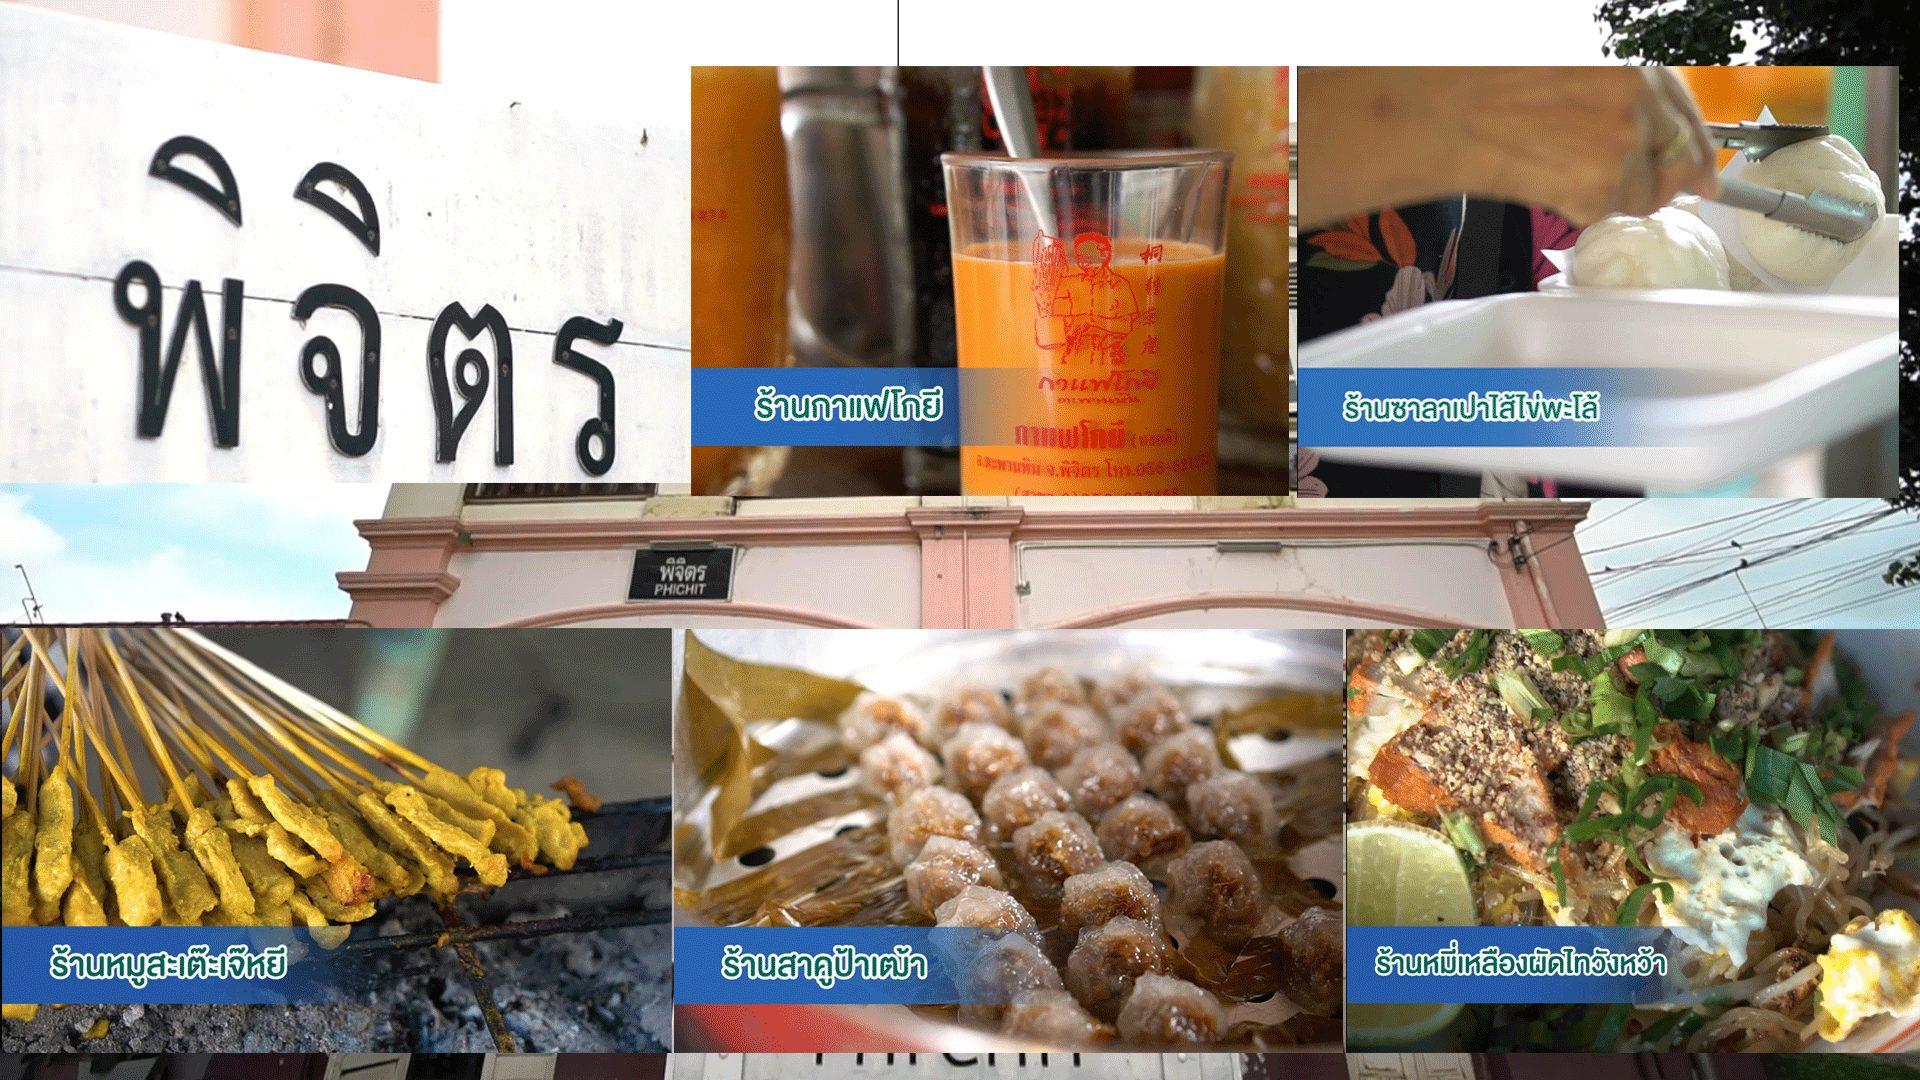 แนะนำ 5 อาหารร้านดังจังหวัดพิจิตร ฝีมือรุ่นเก๋า ที่รุ่นเราไม่ควรพลาด!